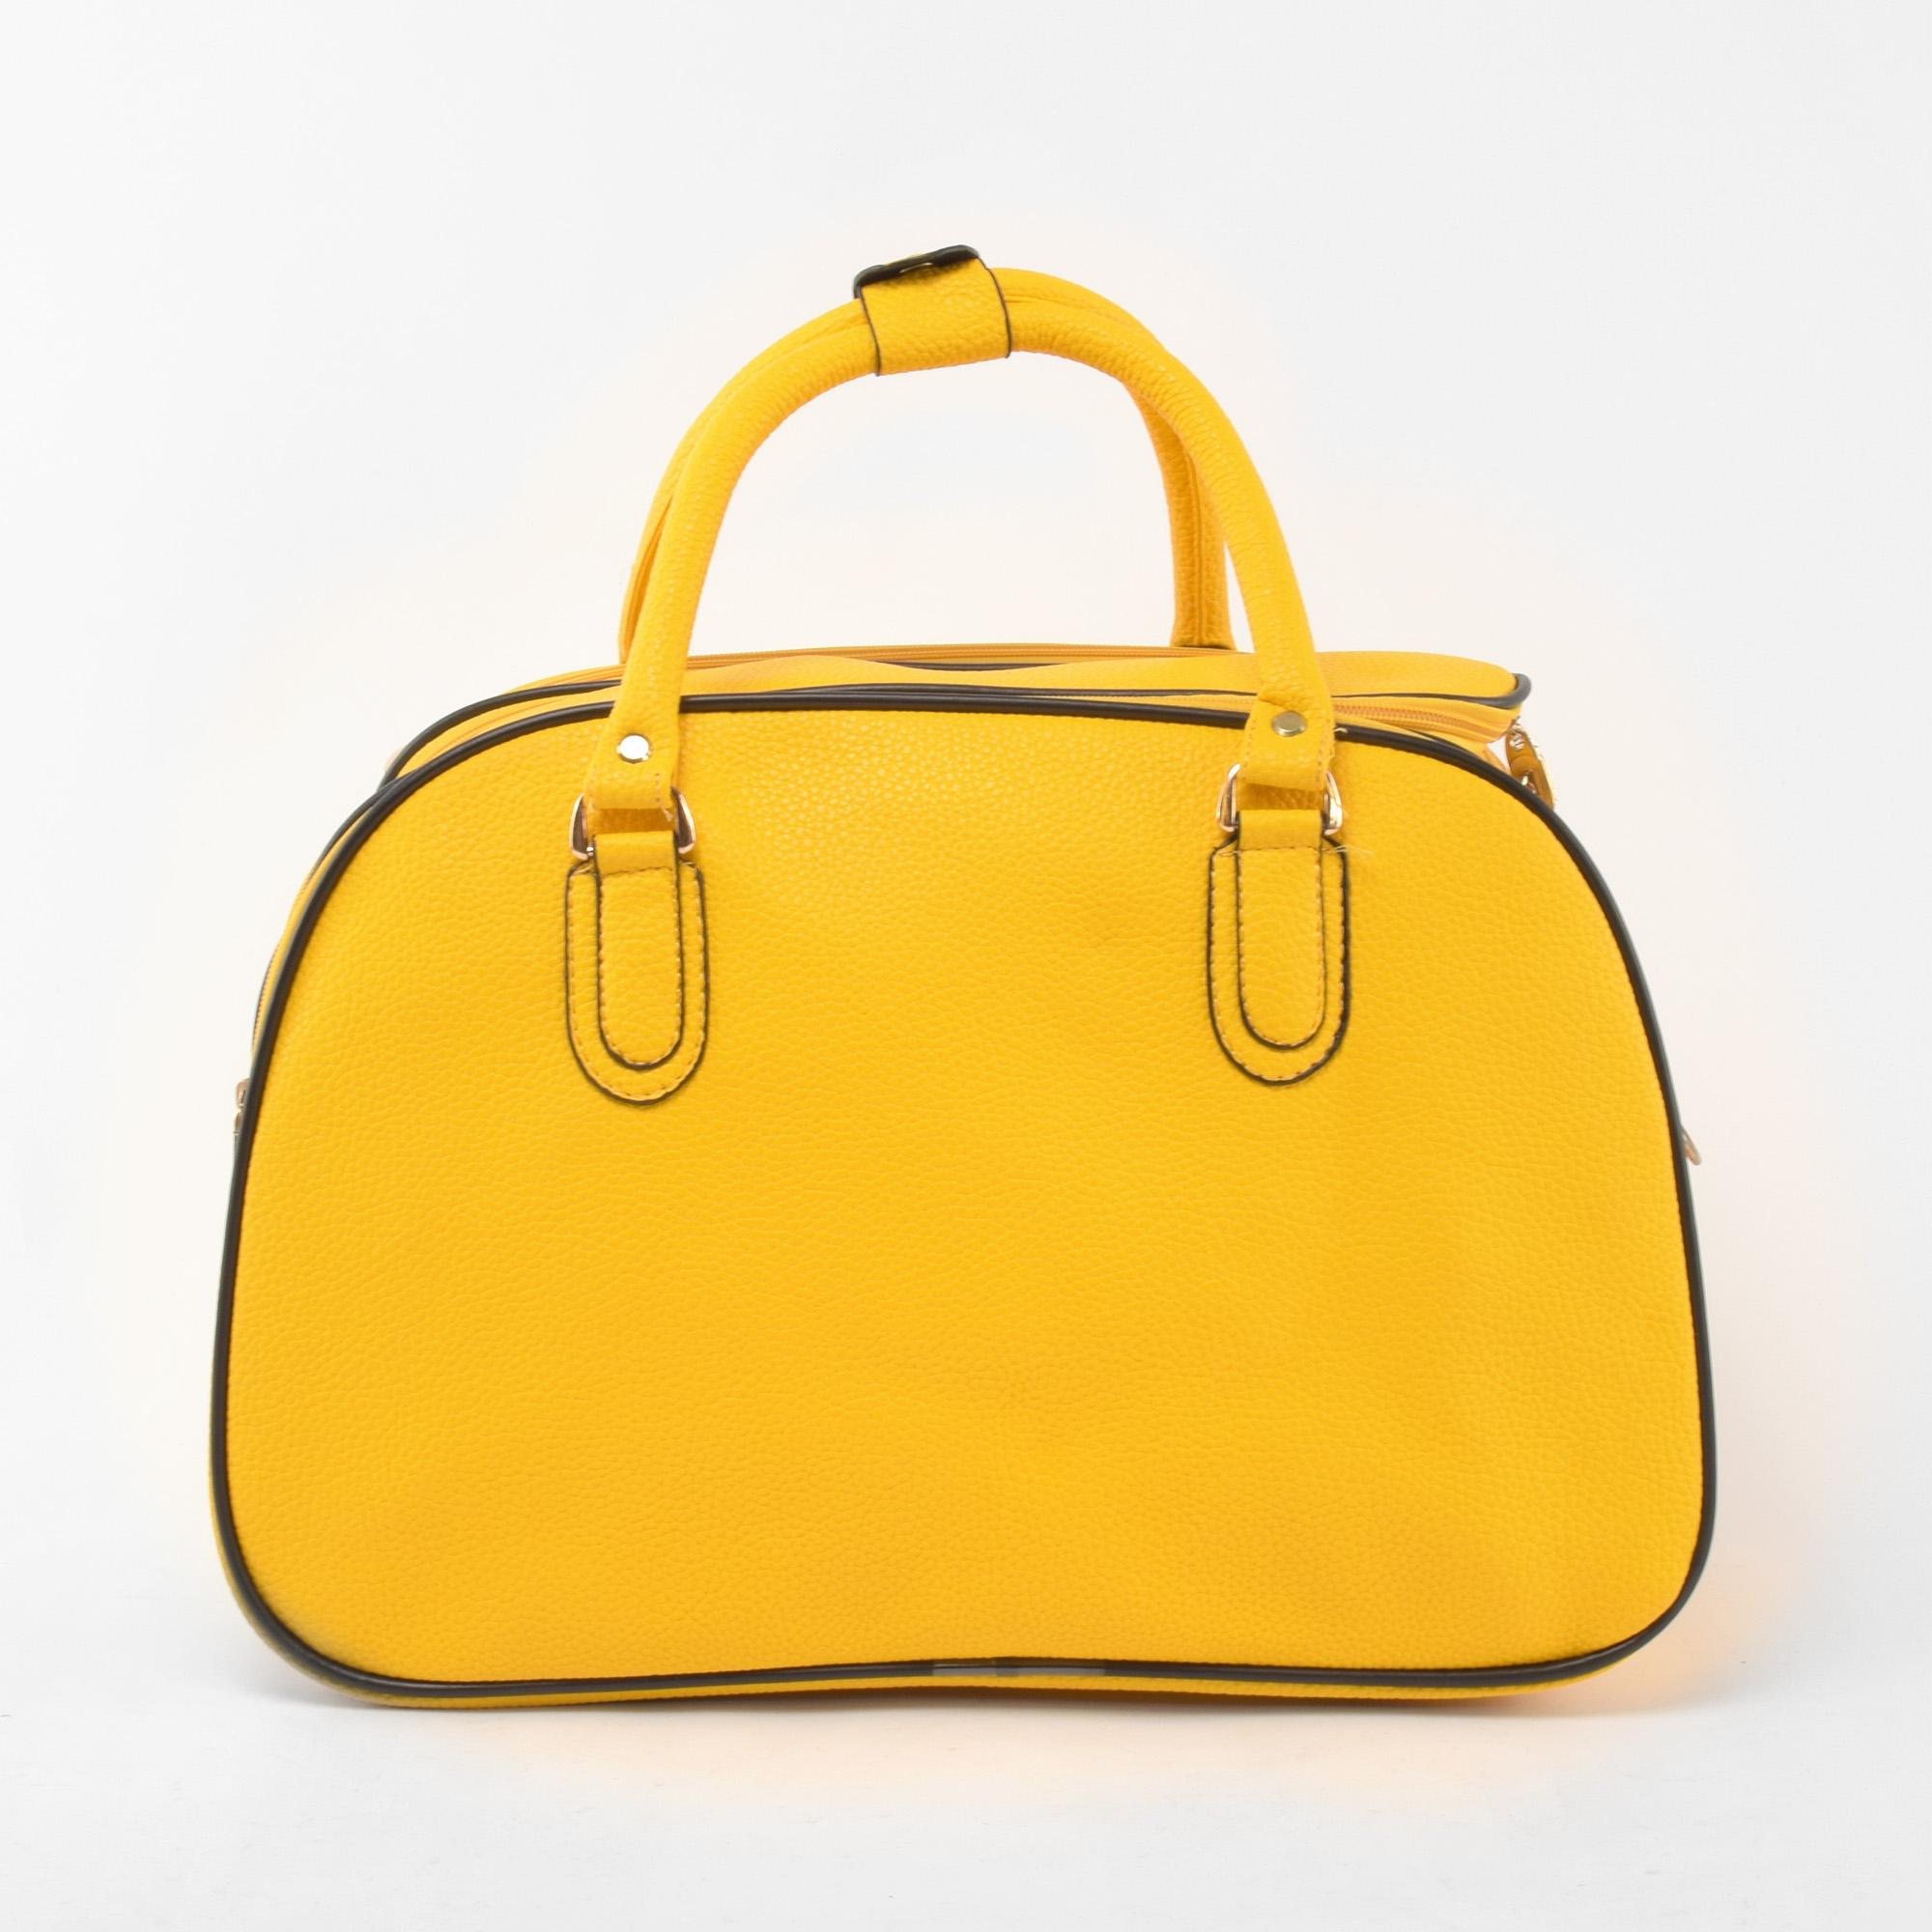 33ab2e26e060 Besty Wizzair Méretű Sárga Műbőr Utazótáska - KIS MÉRETŰ UTAZÓTÁSKA - Táska  webáruház - Minőségi táskák mindenkinek